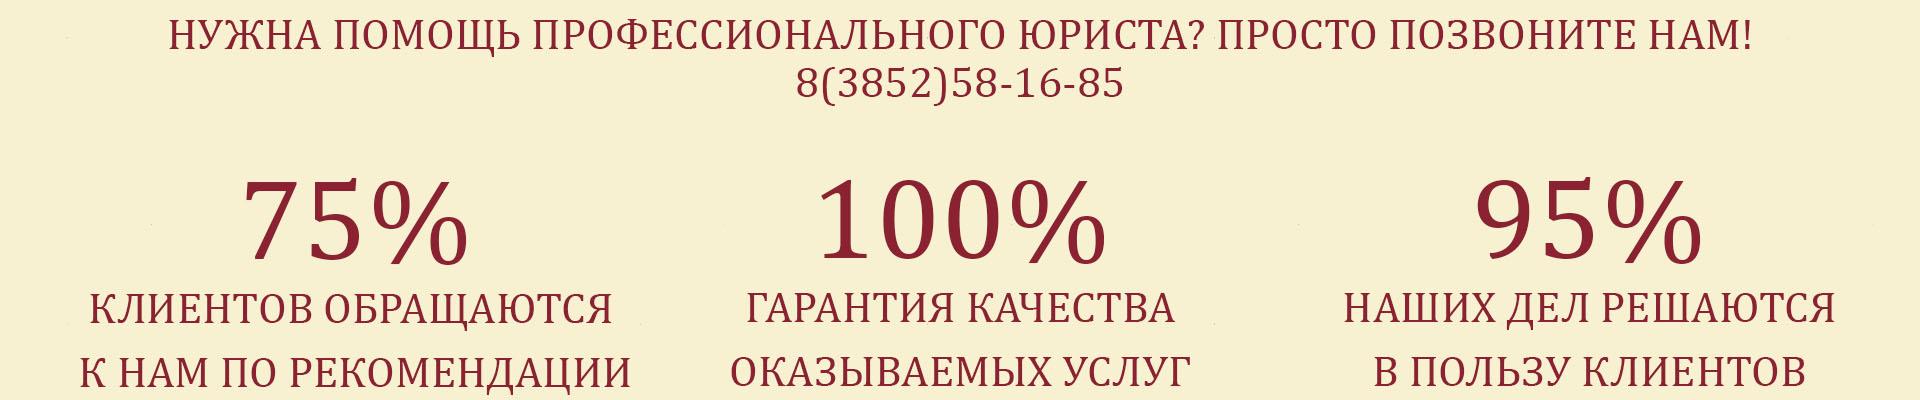 uspeshnyj_yurist_v_barnaule